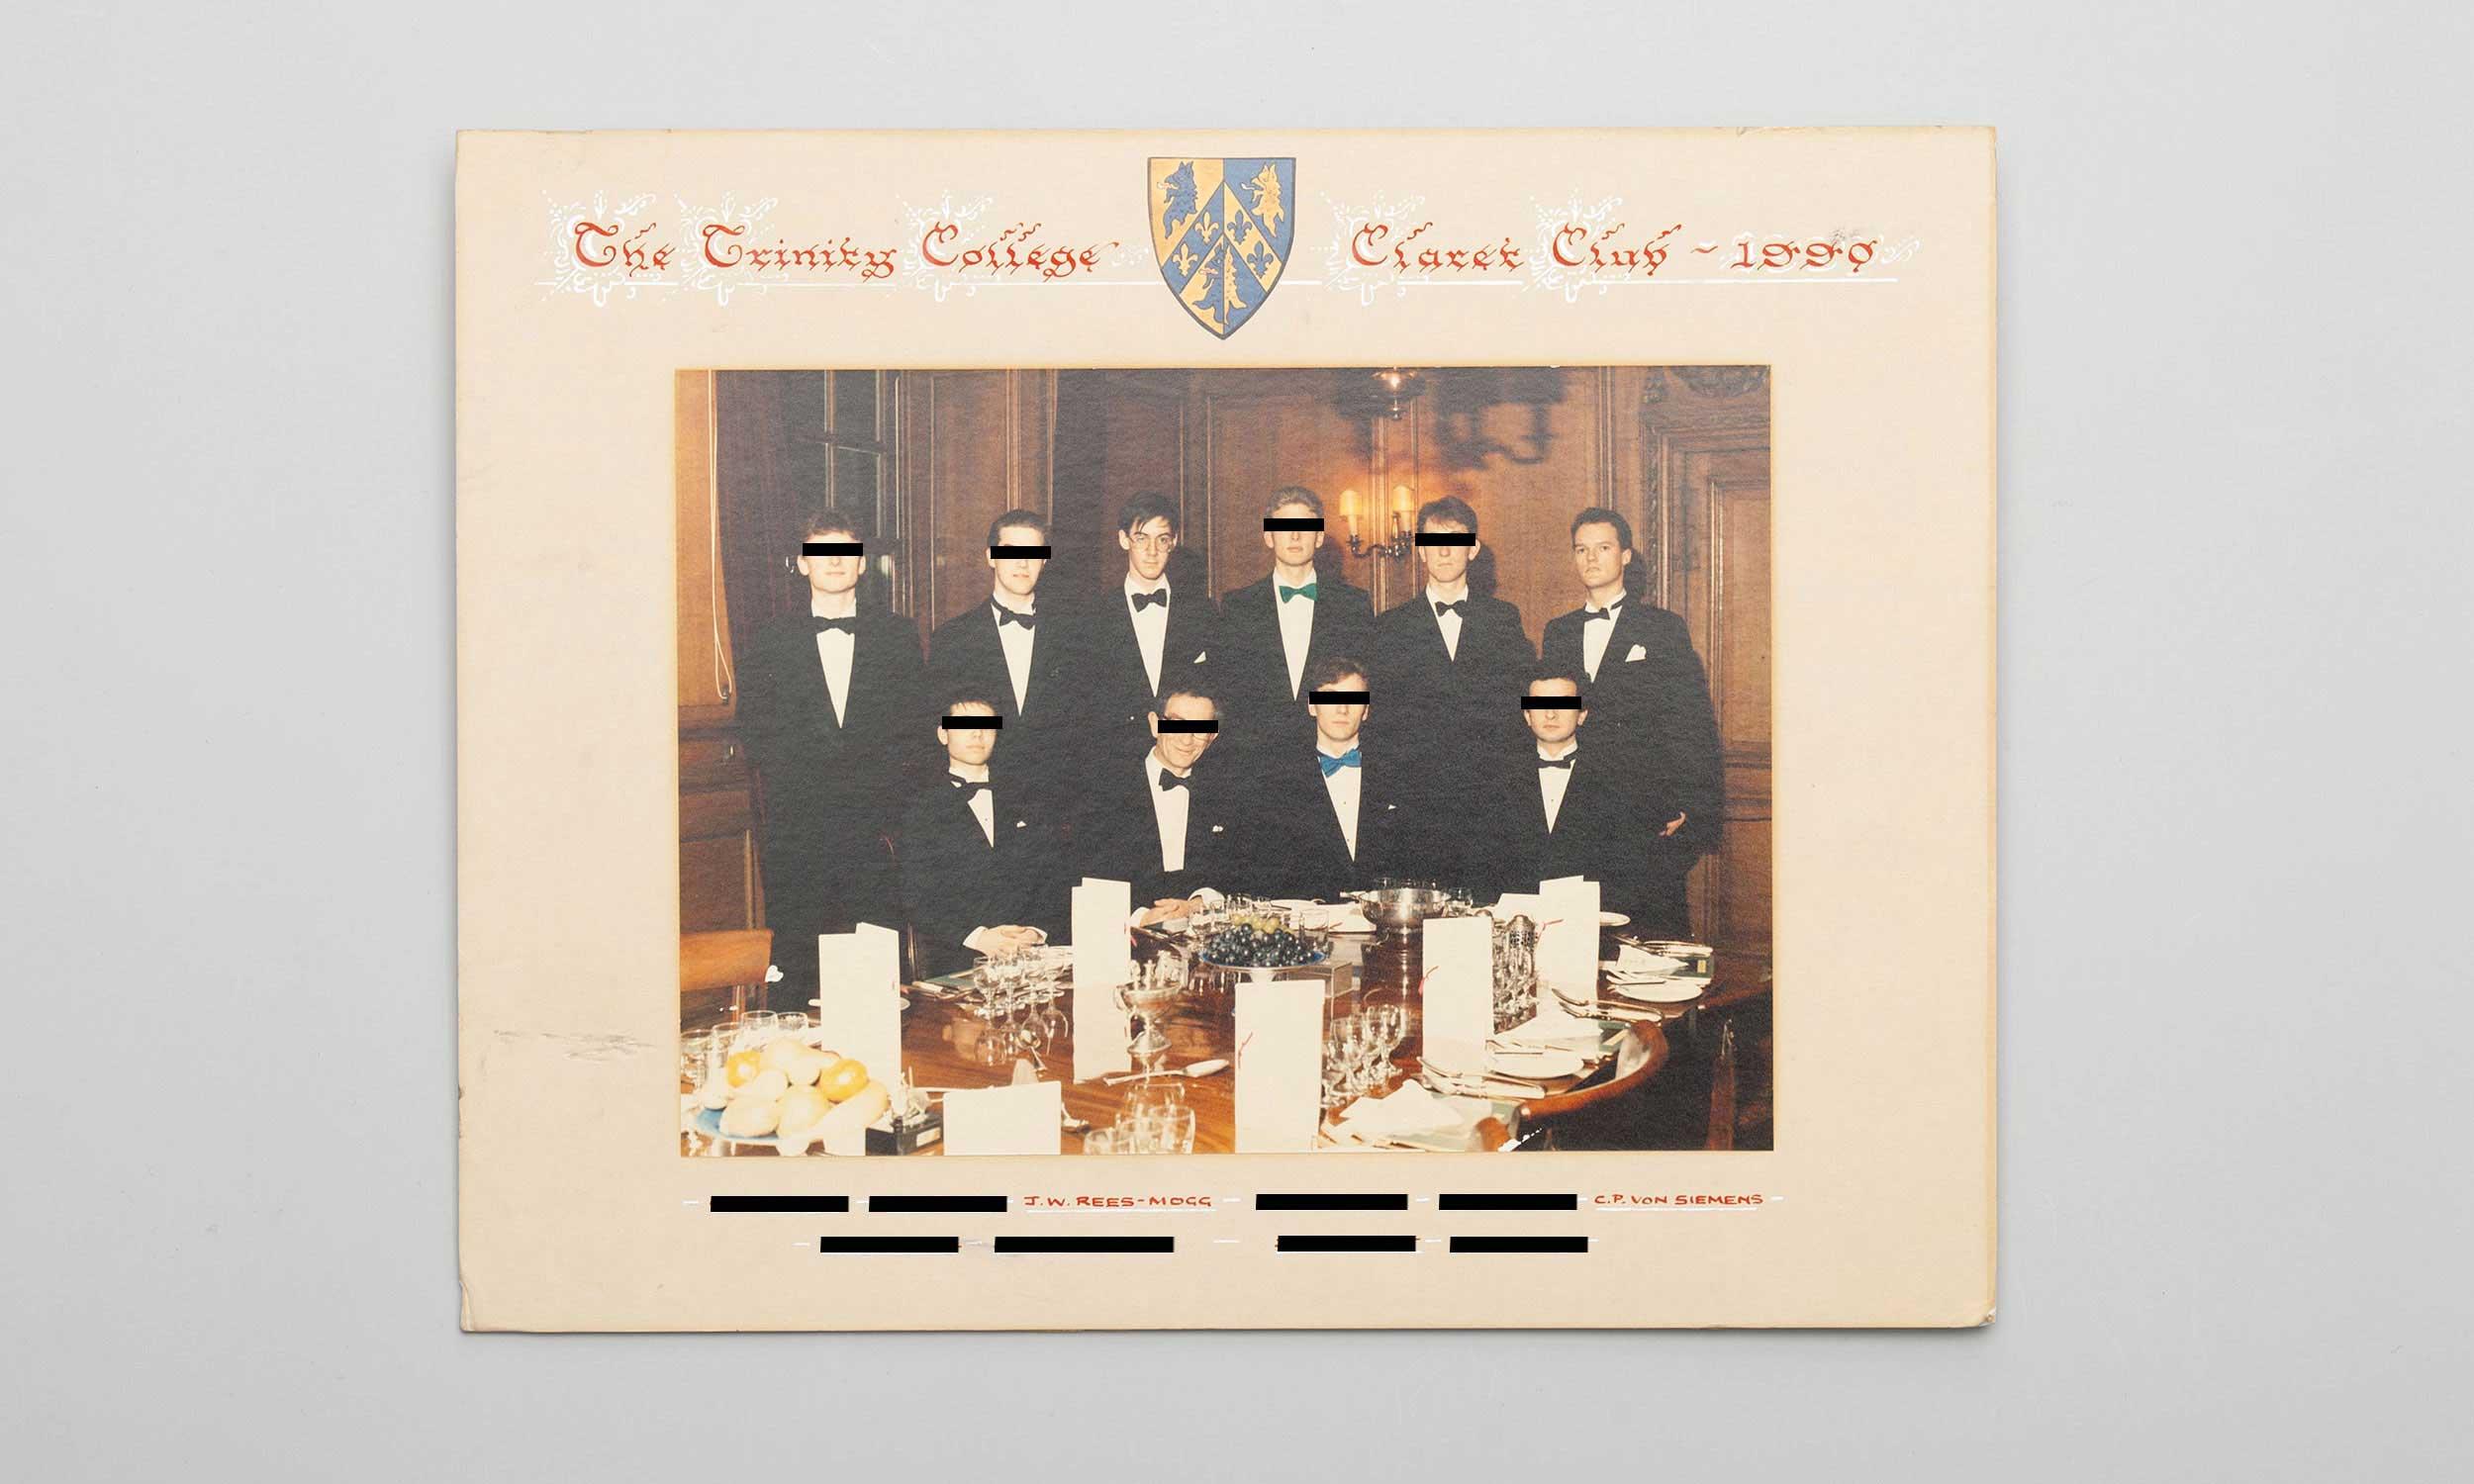 Carl von Siemens Trinity College Claret Club